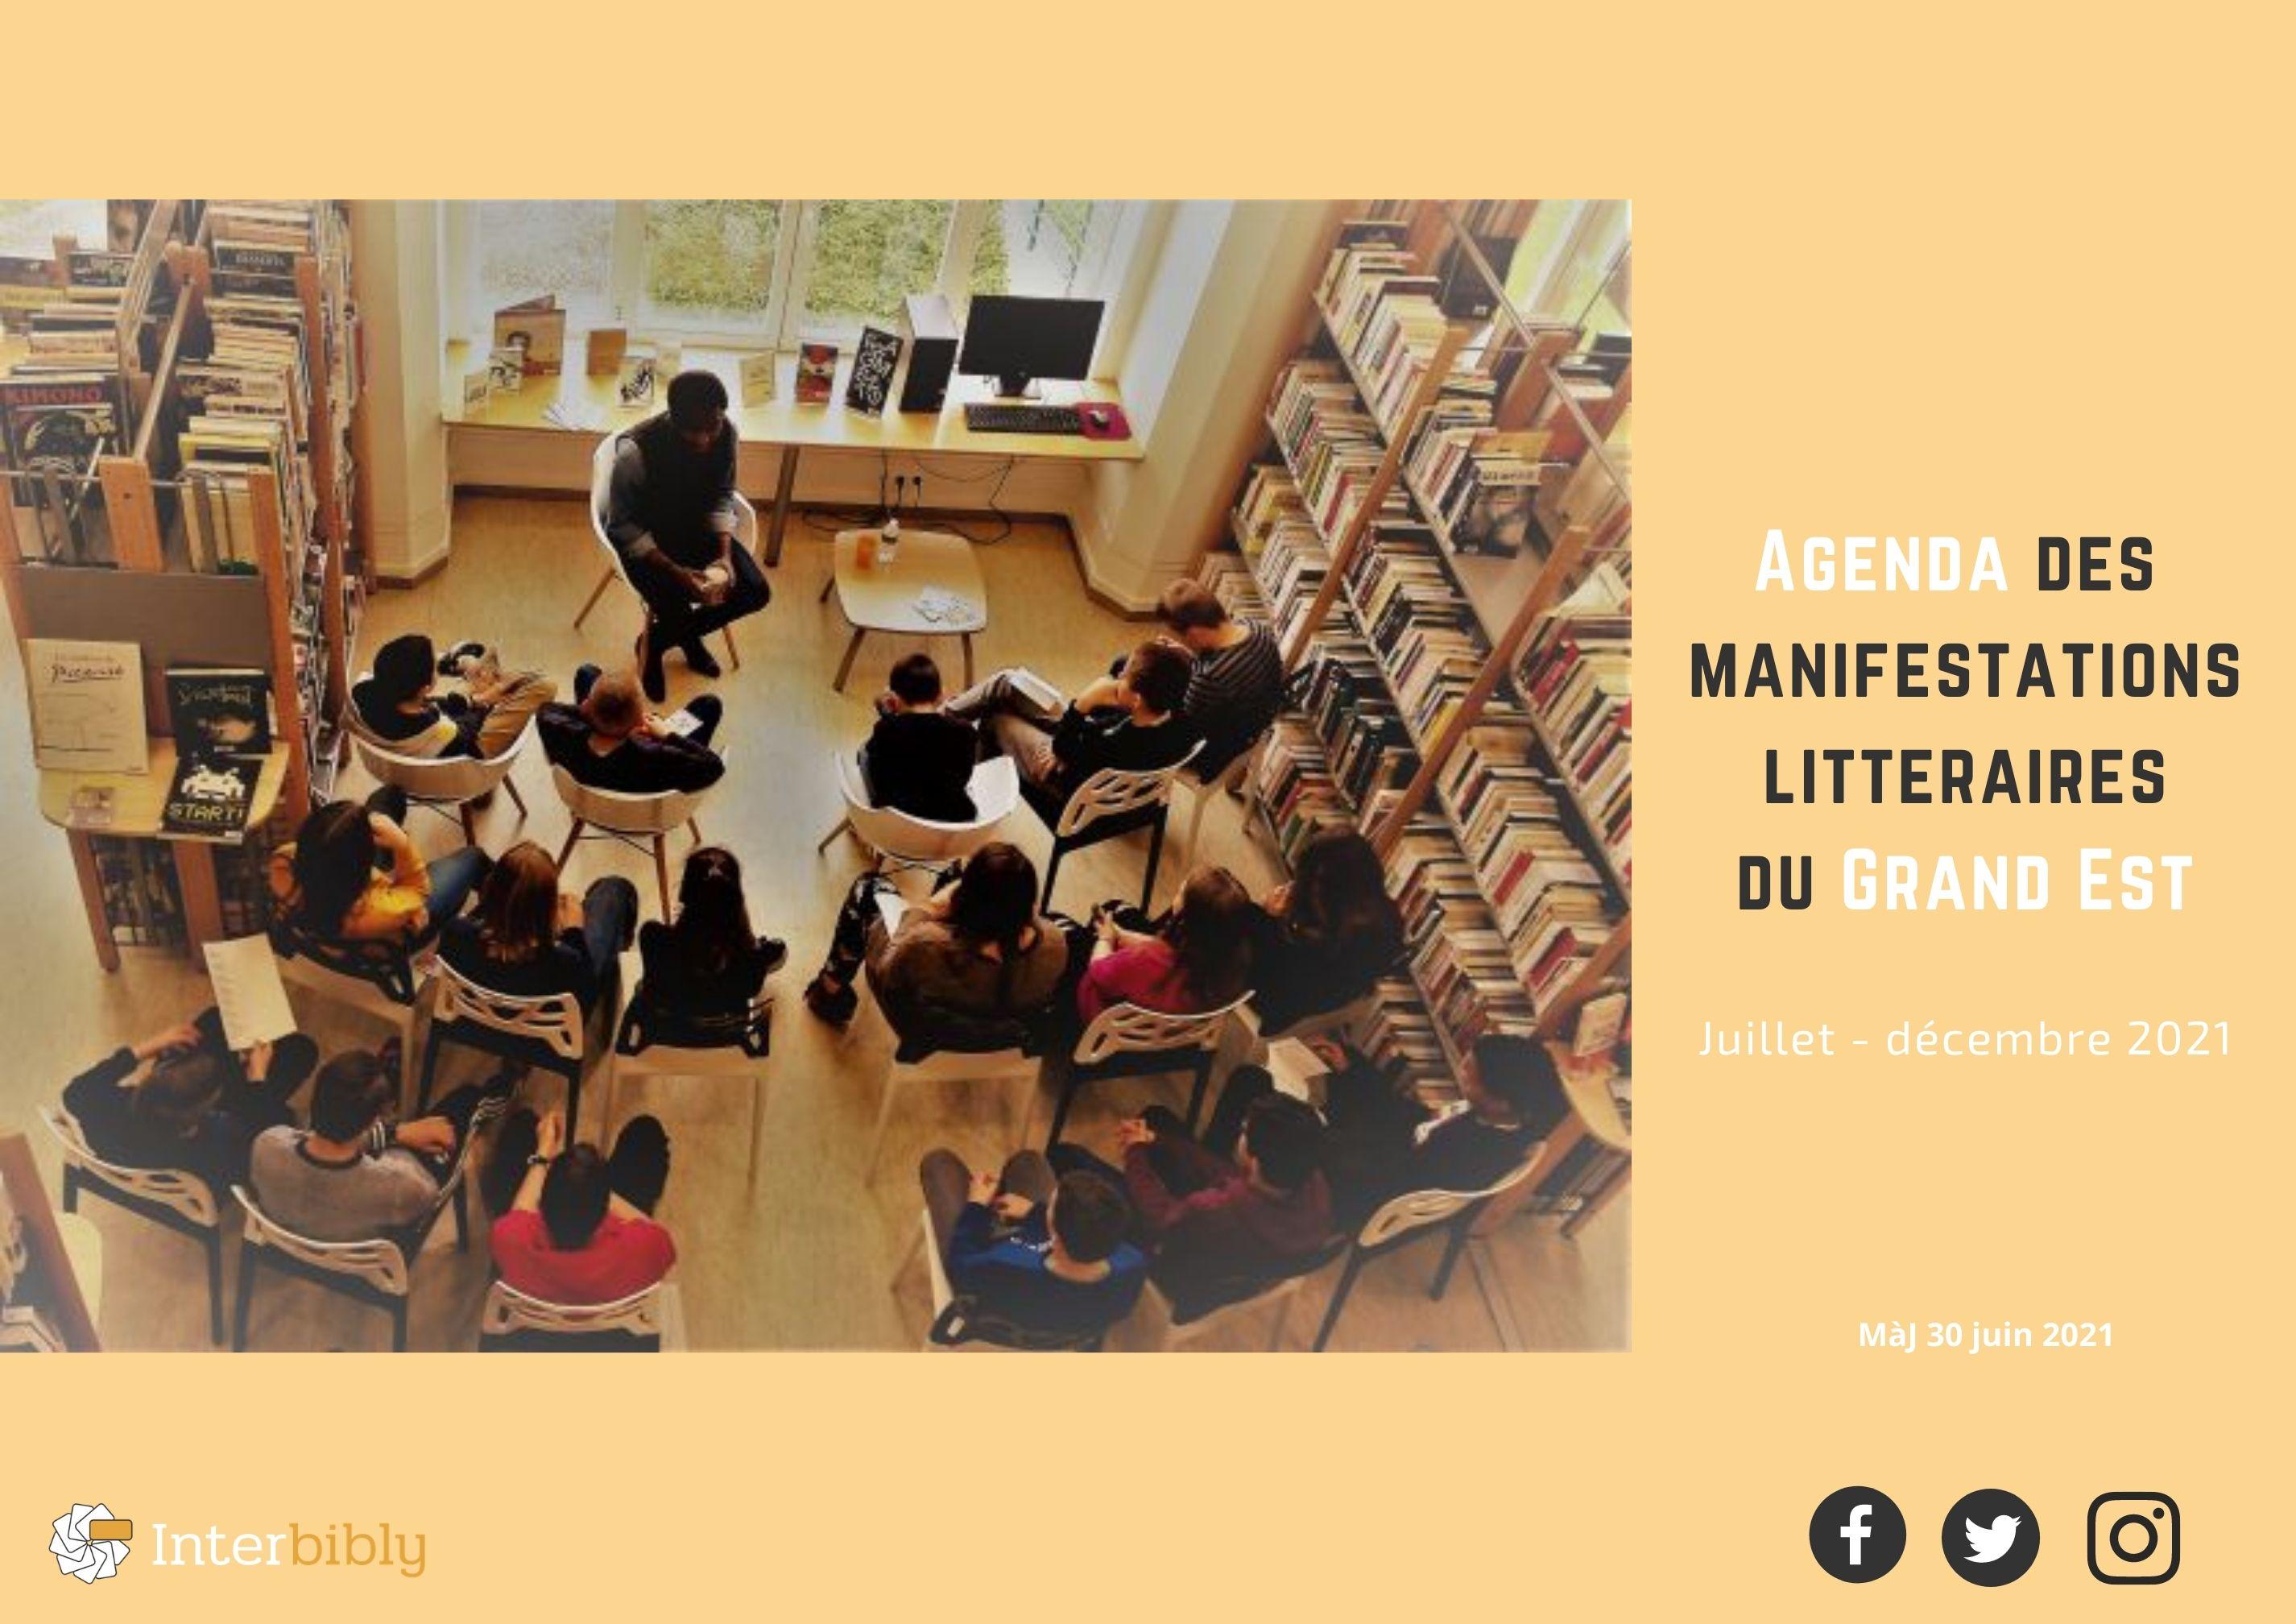 Manifestations littéraires en Grand Est : Découvrez l'agenda du 2nd semestre 2021 !